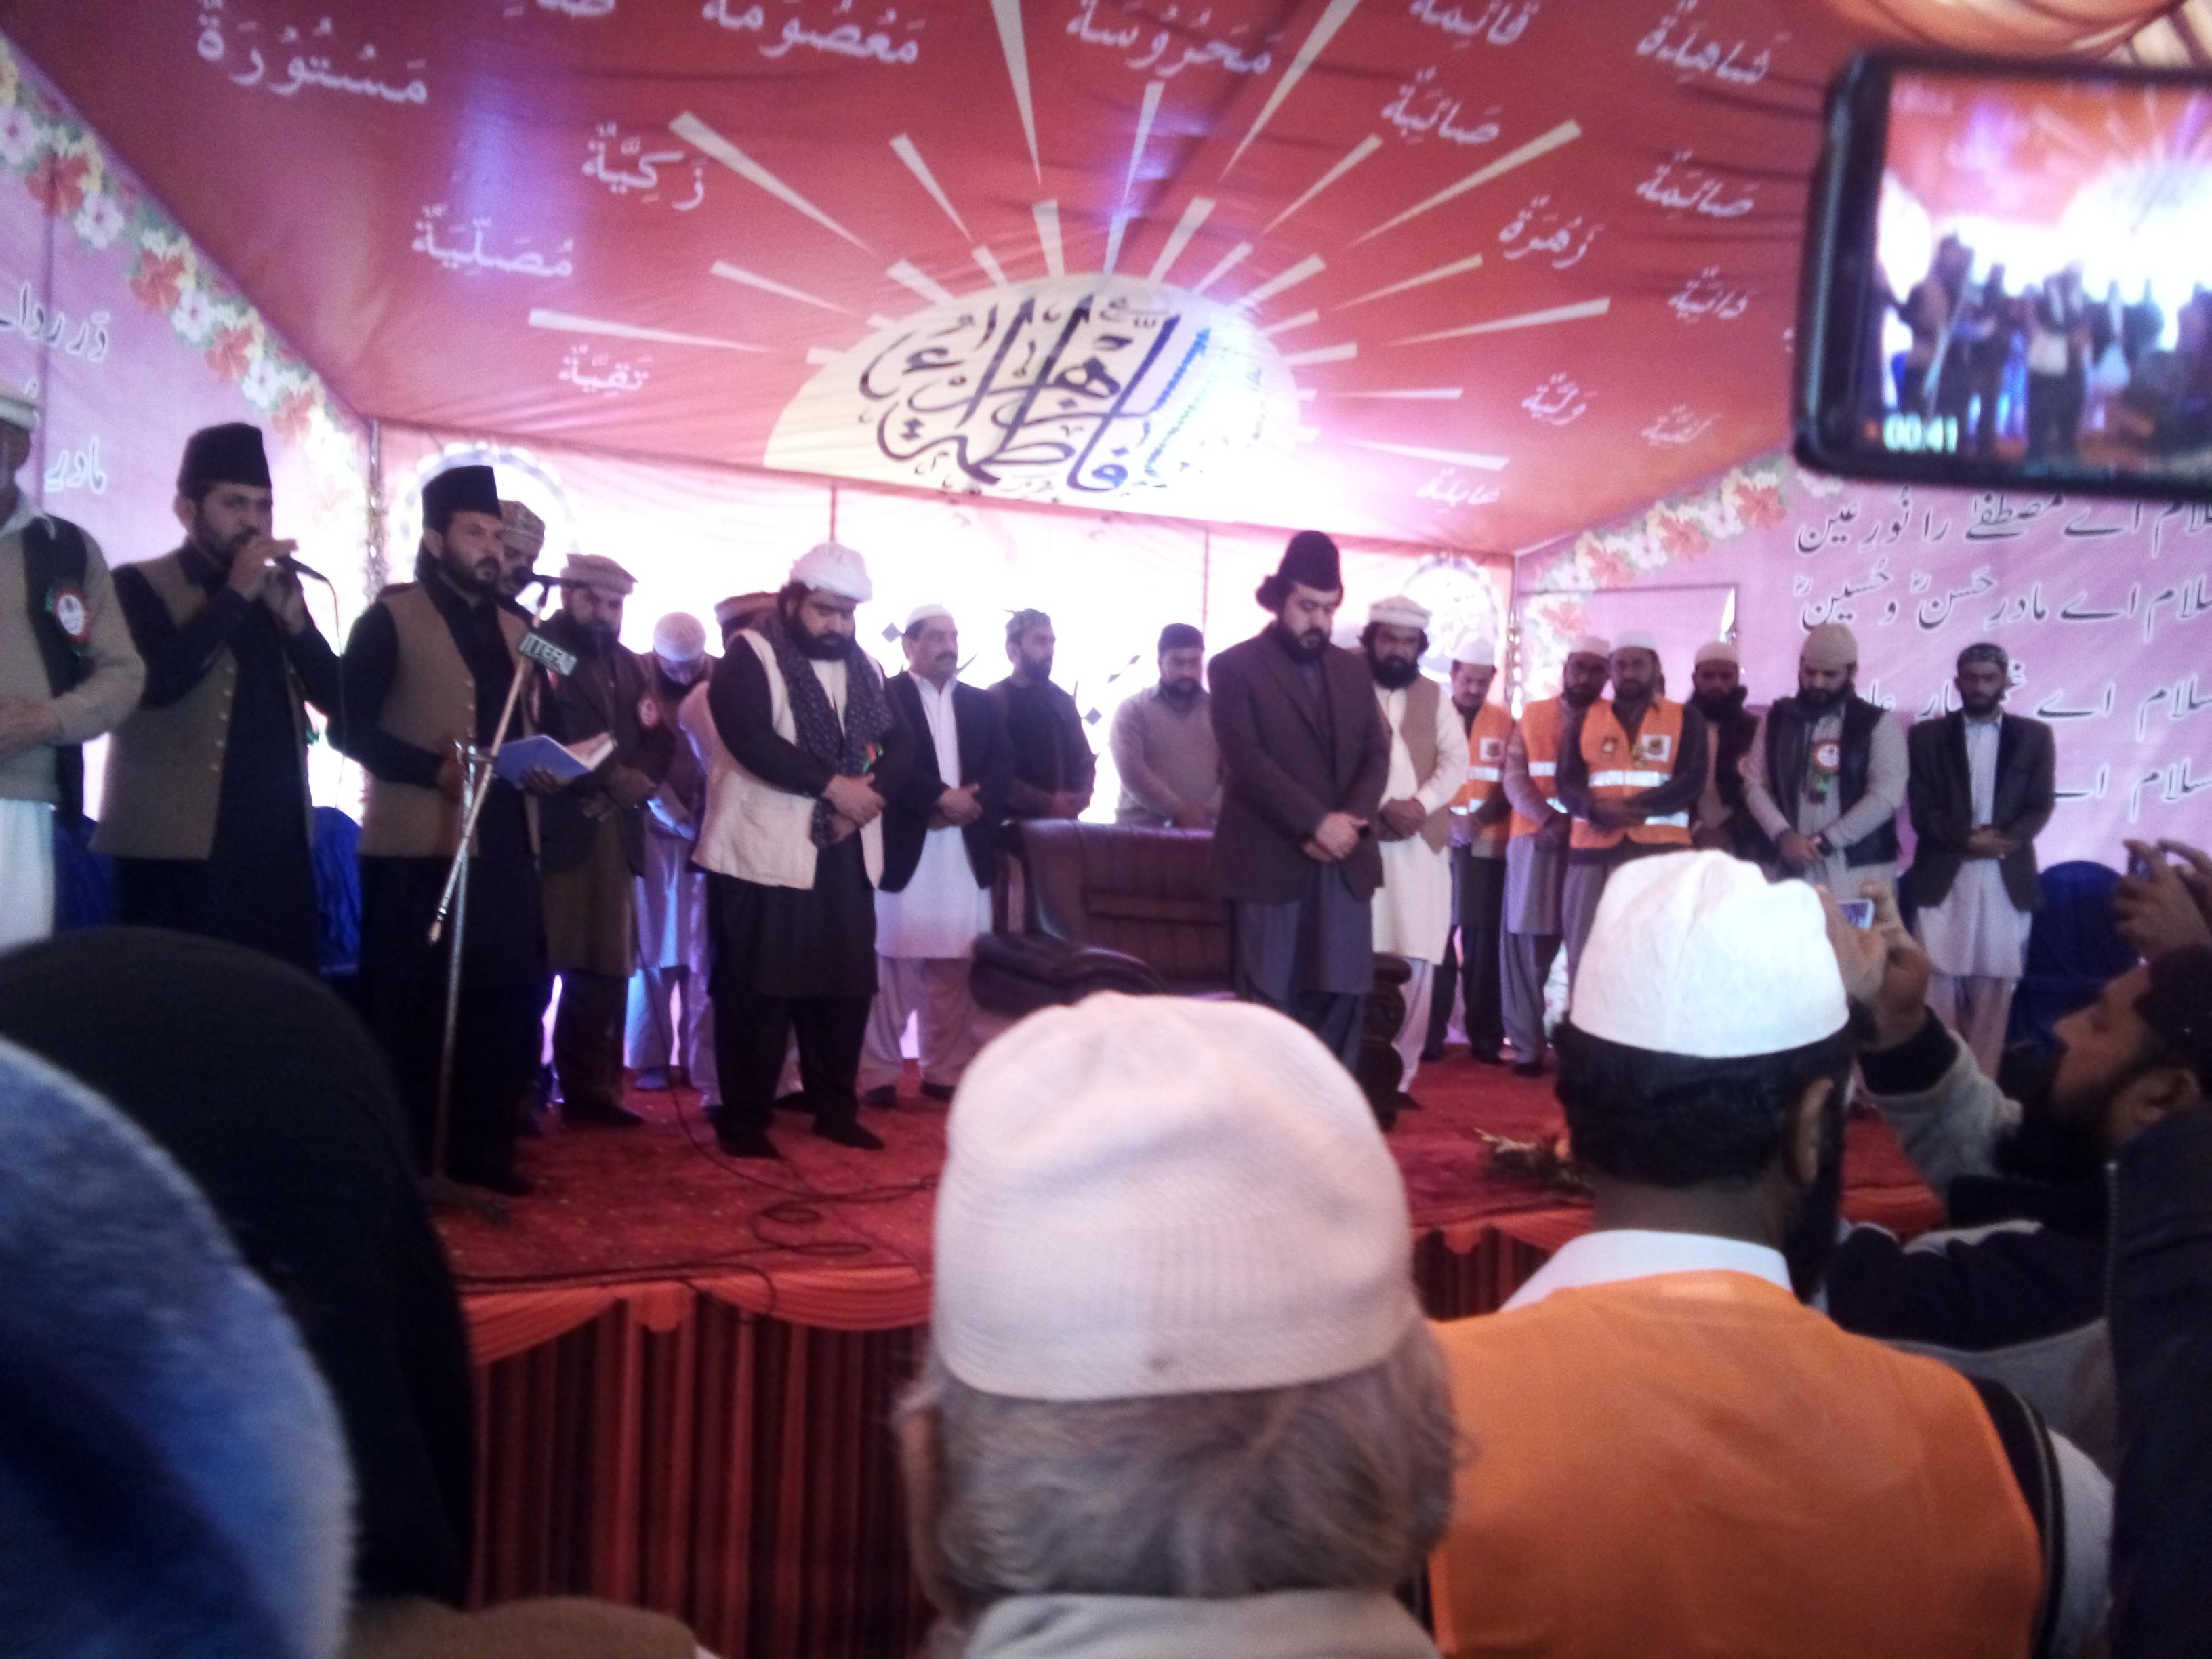 مولانا علامہ شیخ عبدالحمید گولڑوی کا ایوان ِ مہر علی شاہ حضرو اٹک کے زیر اہتمام تیسری سالانہ سیّدہ کائنات کانفرس سے خطاب